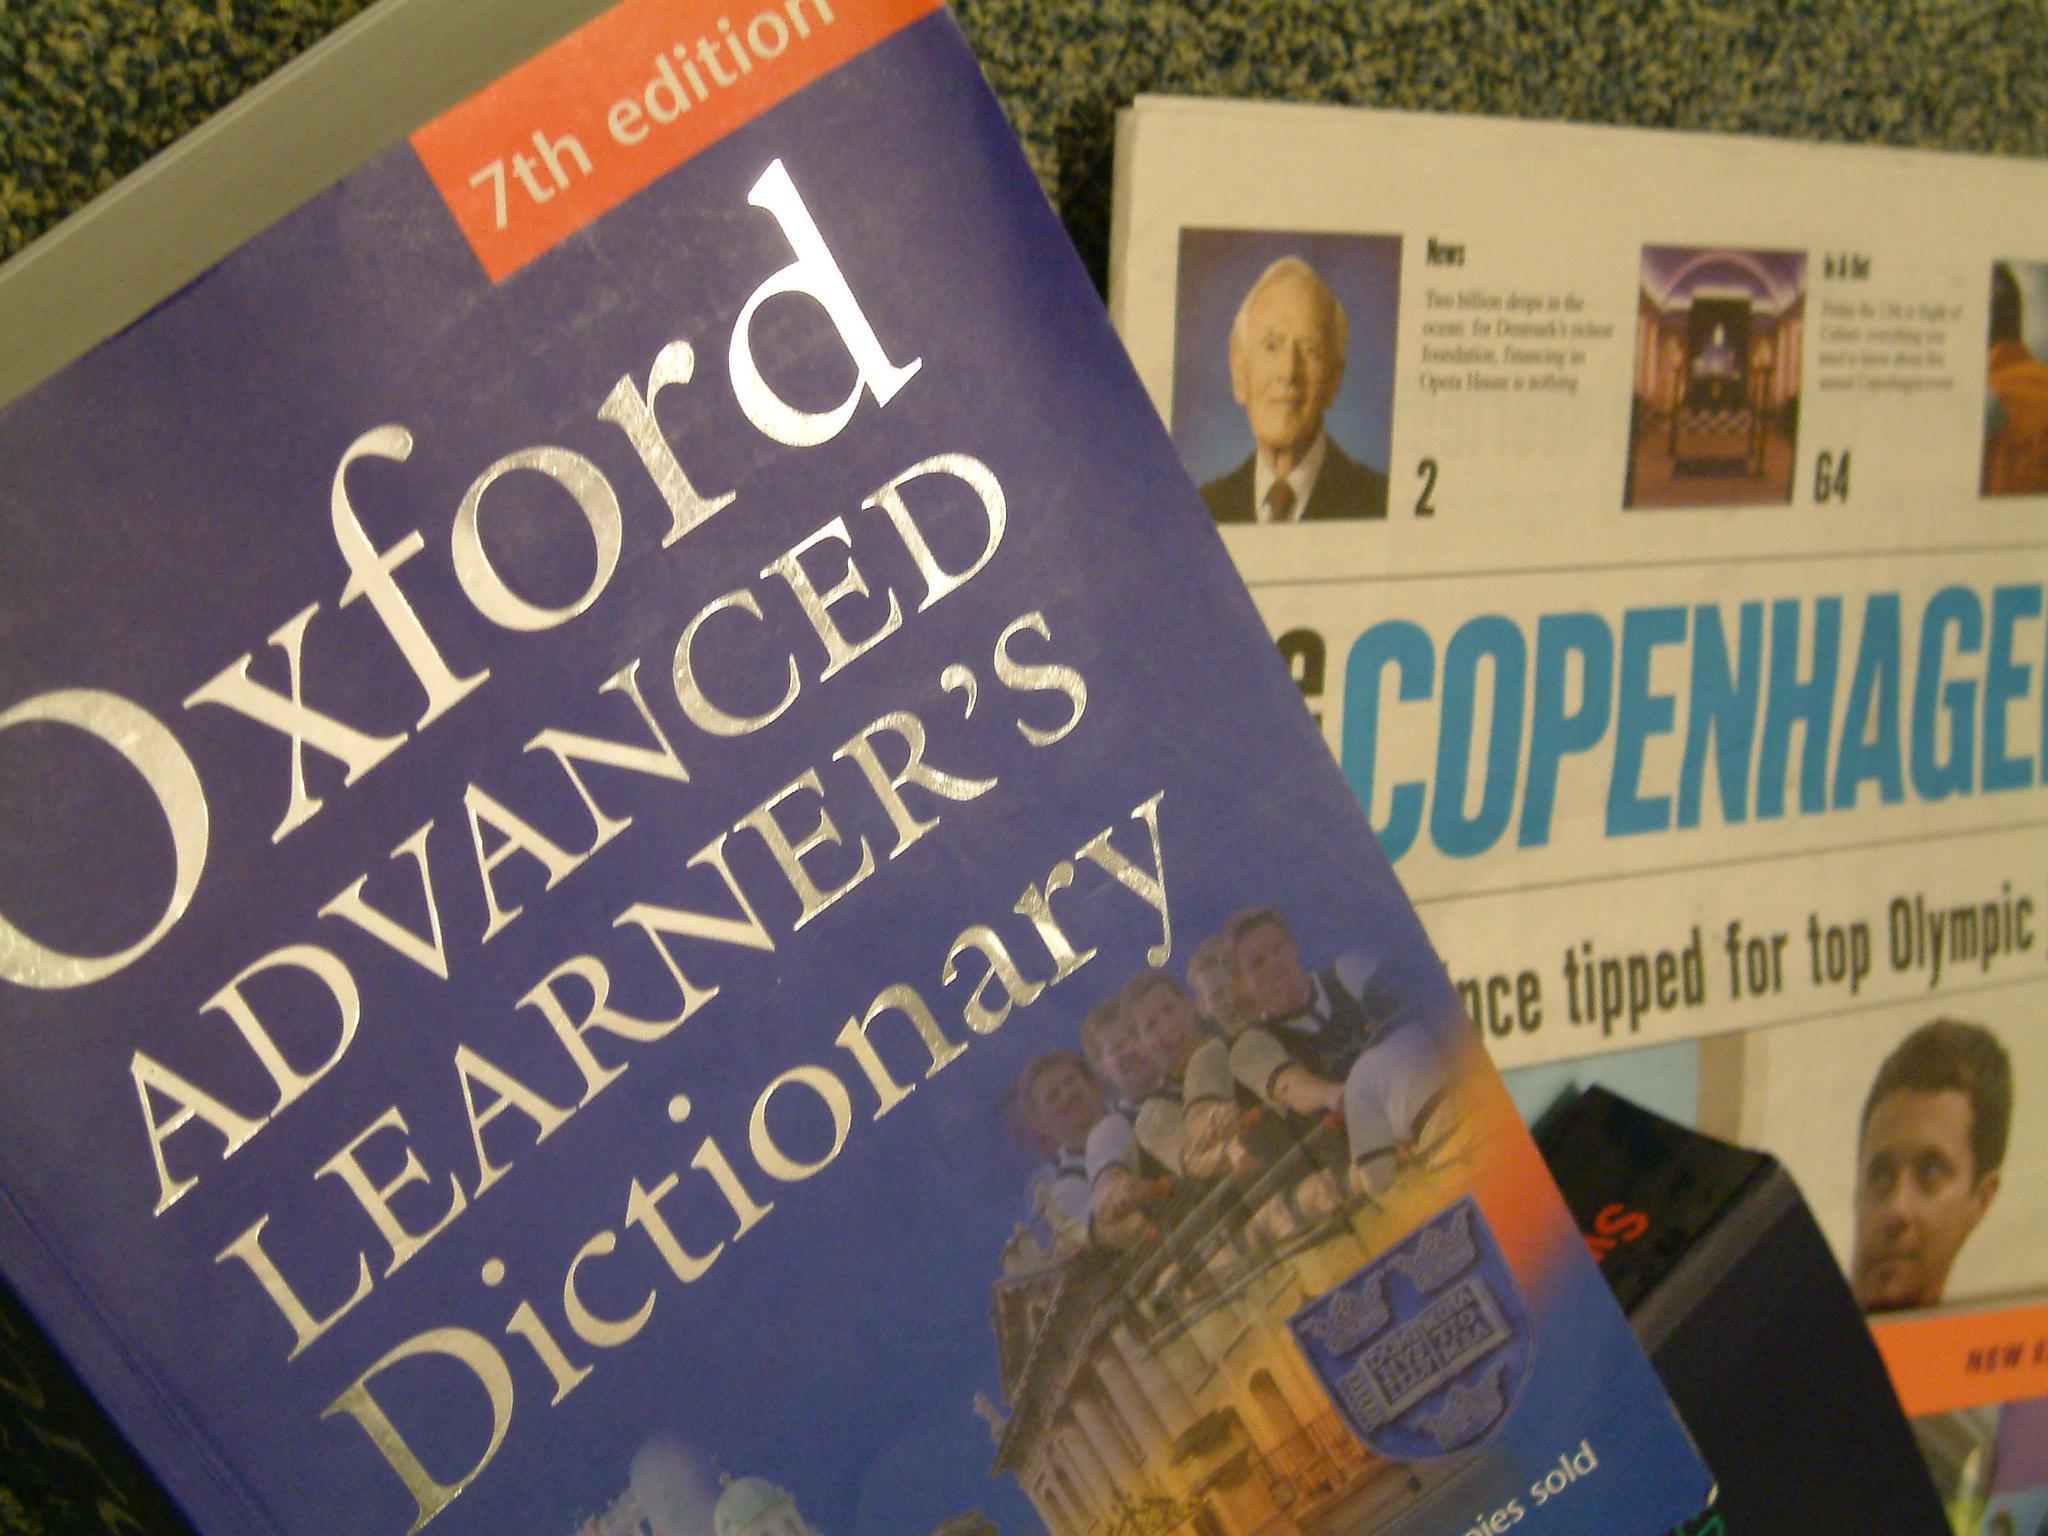 Bøger-Oxford-CopenhagenPost-DSCF0025_bger.JPG